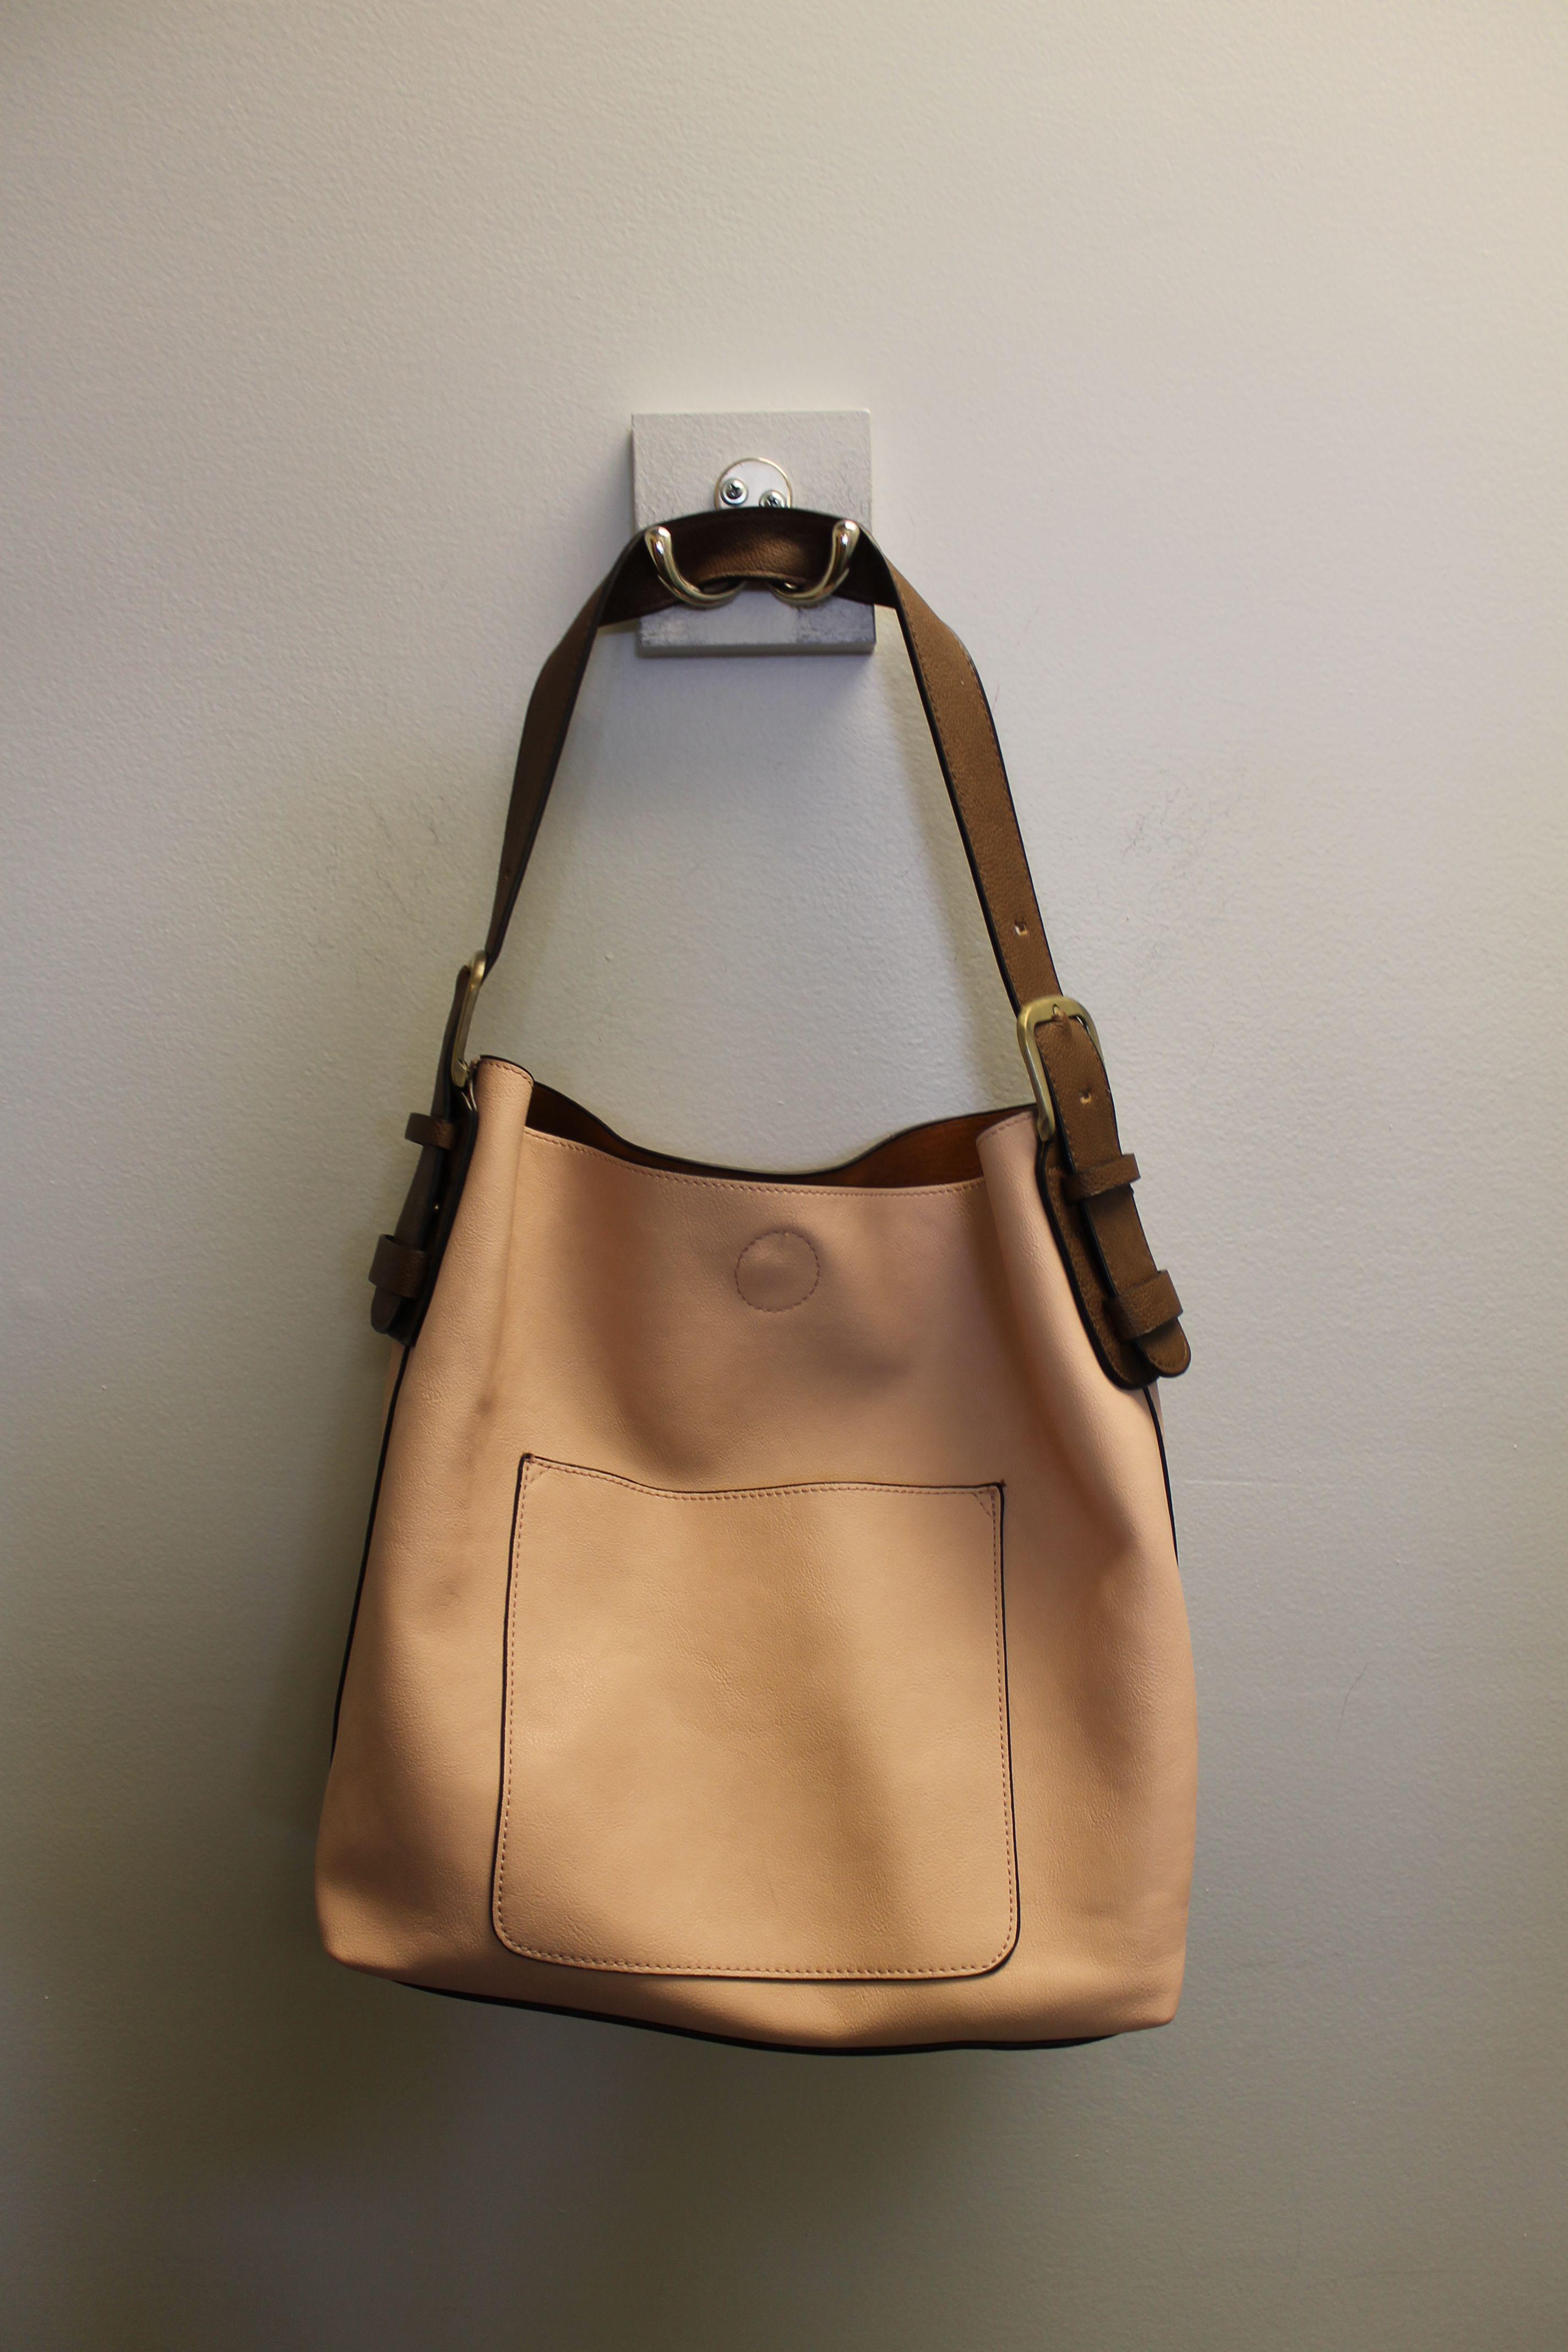 SUSAN-JOY-PALE-PINK-AND-BROWN-Leather-Solid-SHOULDER-BAG_88567A.jpg